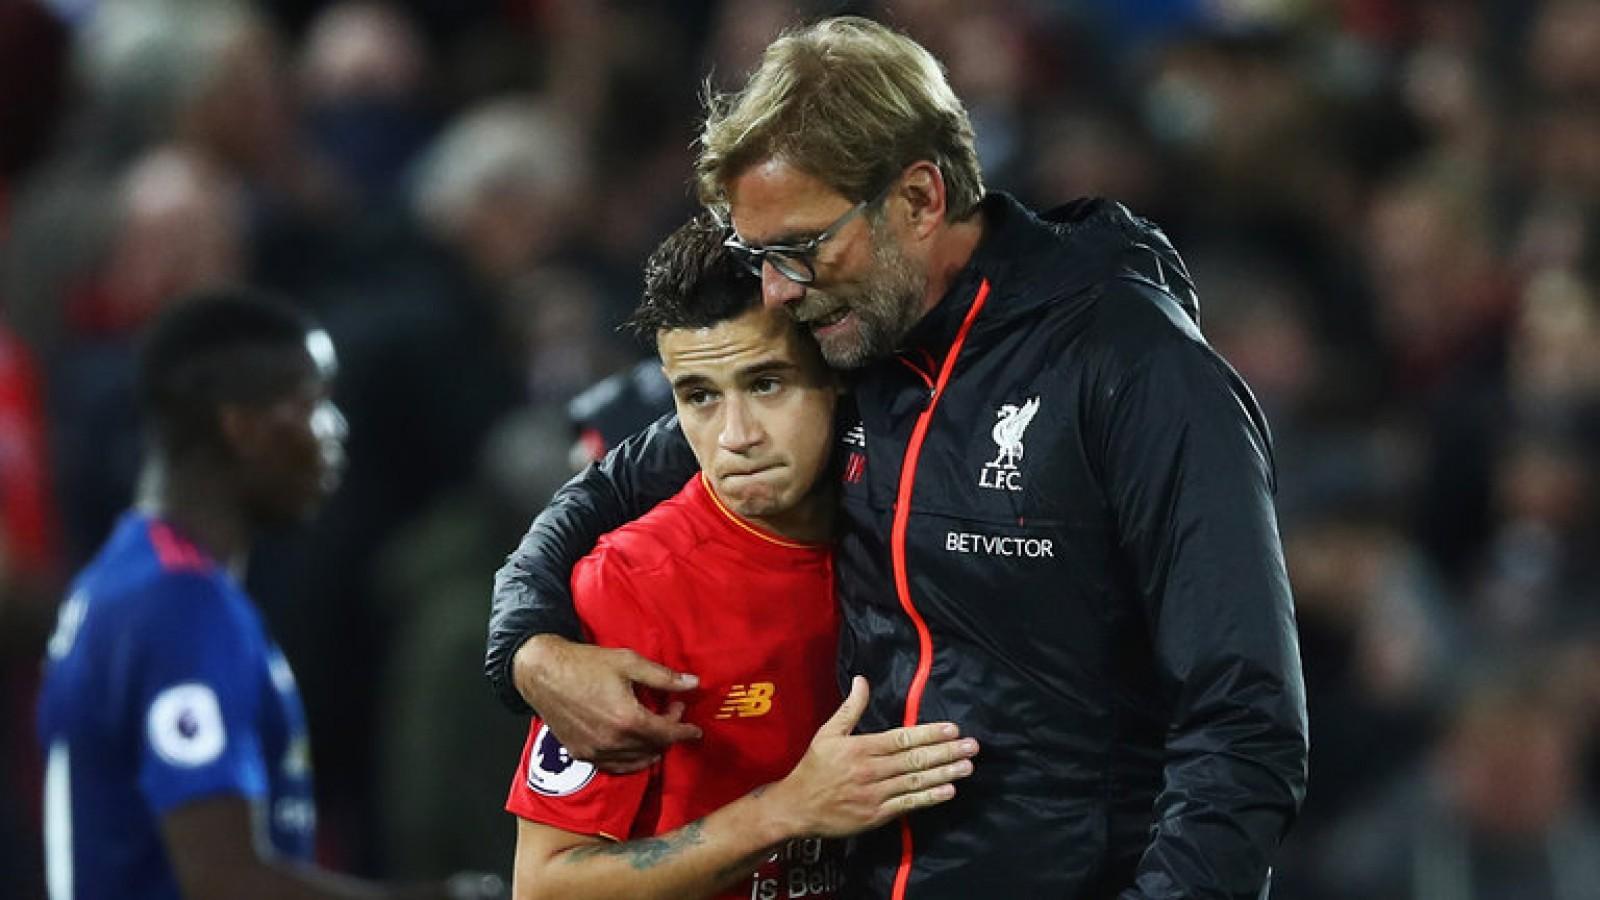 Jurgen Klopp: Nu sunt singur de faptul că Philippe Coutinho va rămâne la Liverpool după perioada de transferuri din iarnă